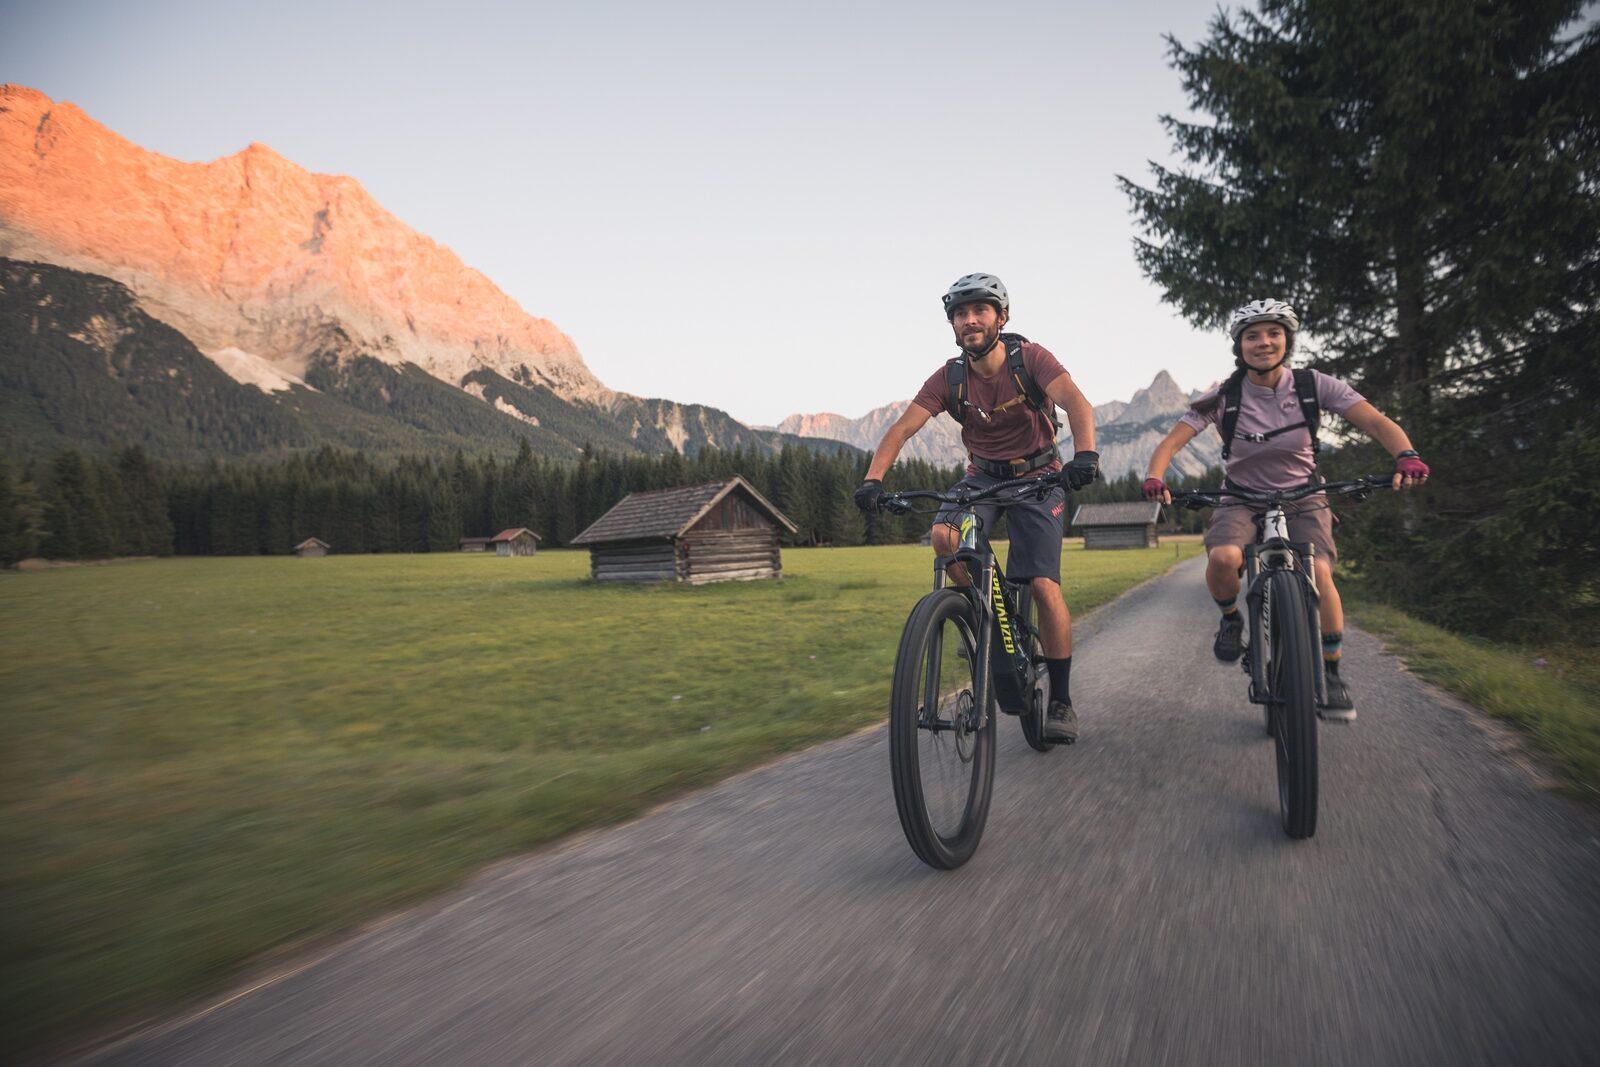 Mountainbike und Fahrradverleih